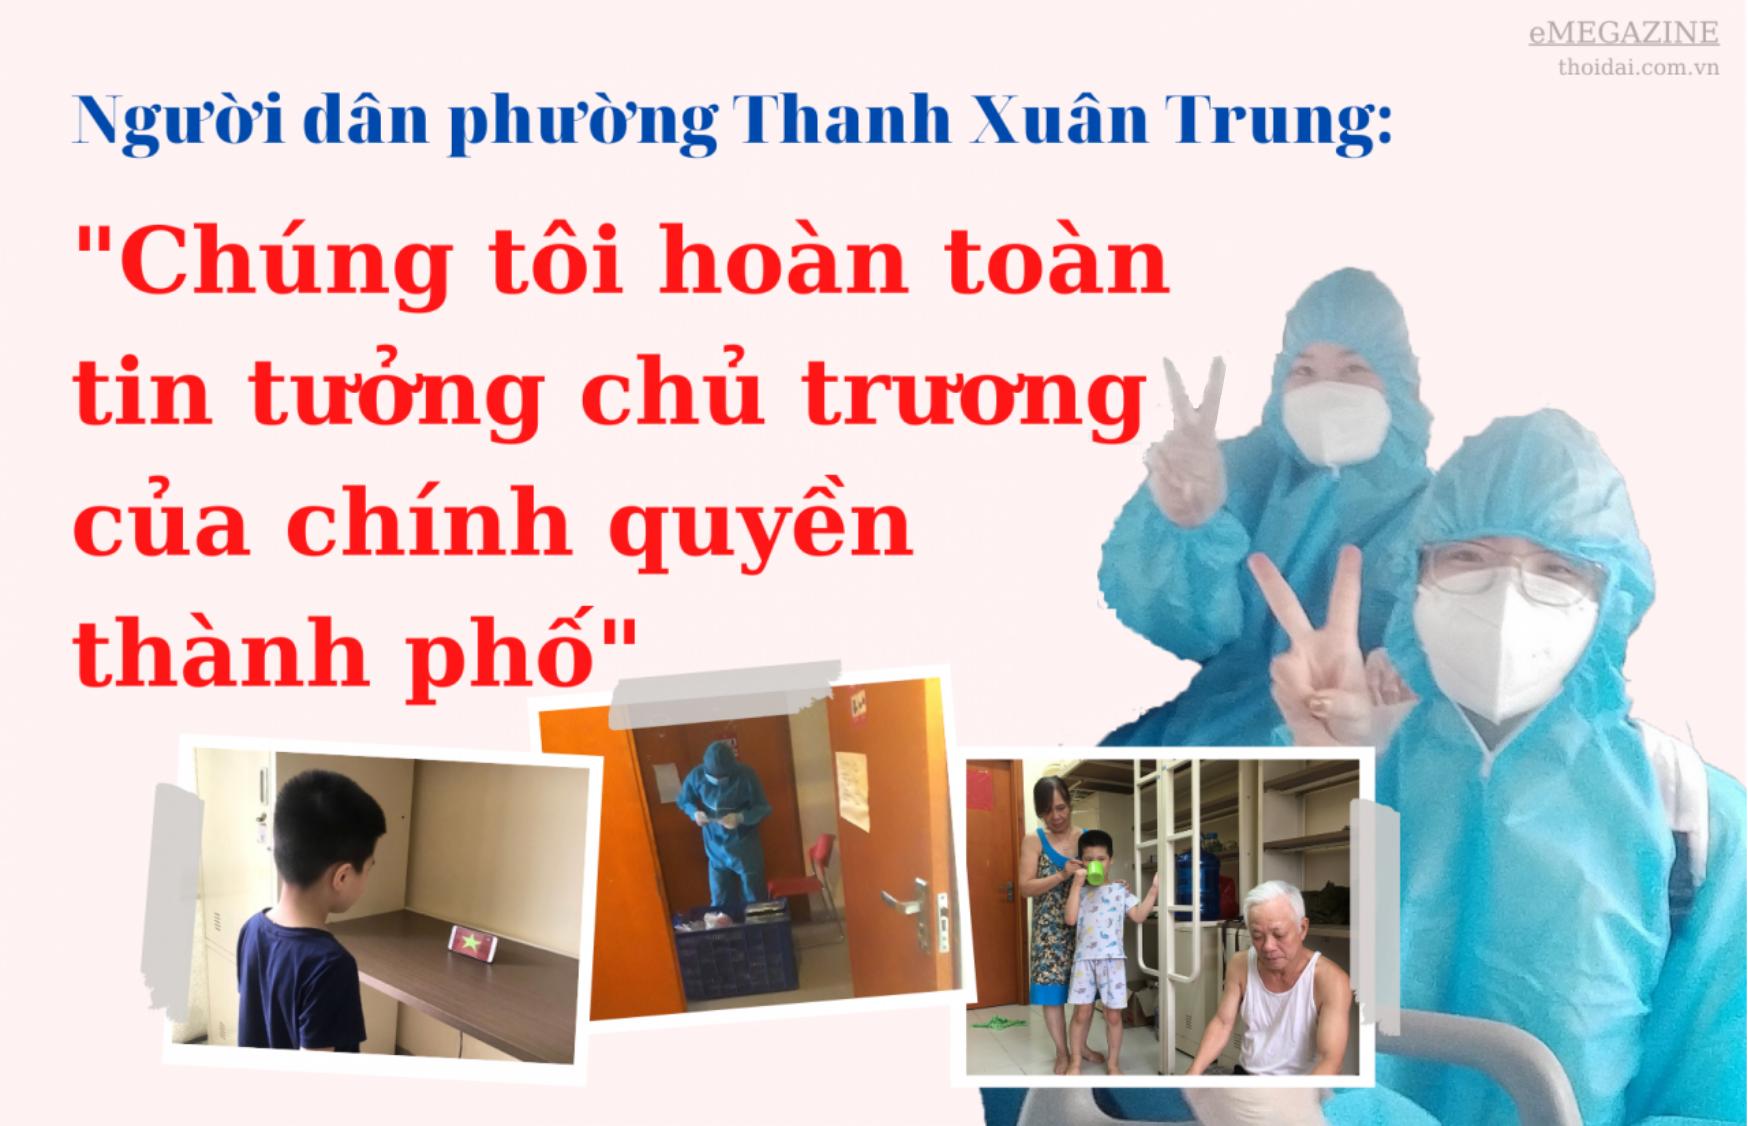 """Người dân phường Thanh Xuân Trung: """"Chúng tôi hoàn toàn tin tưởng chủ trương của thành phố"""""""